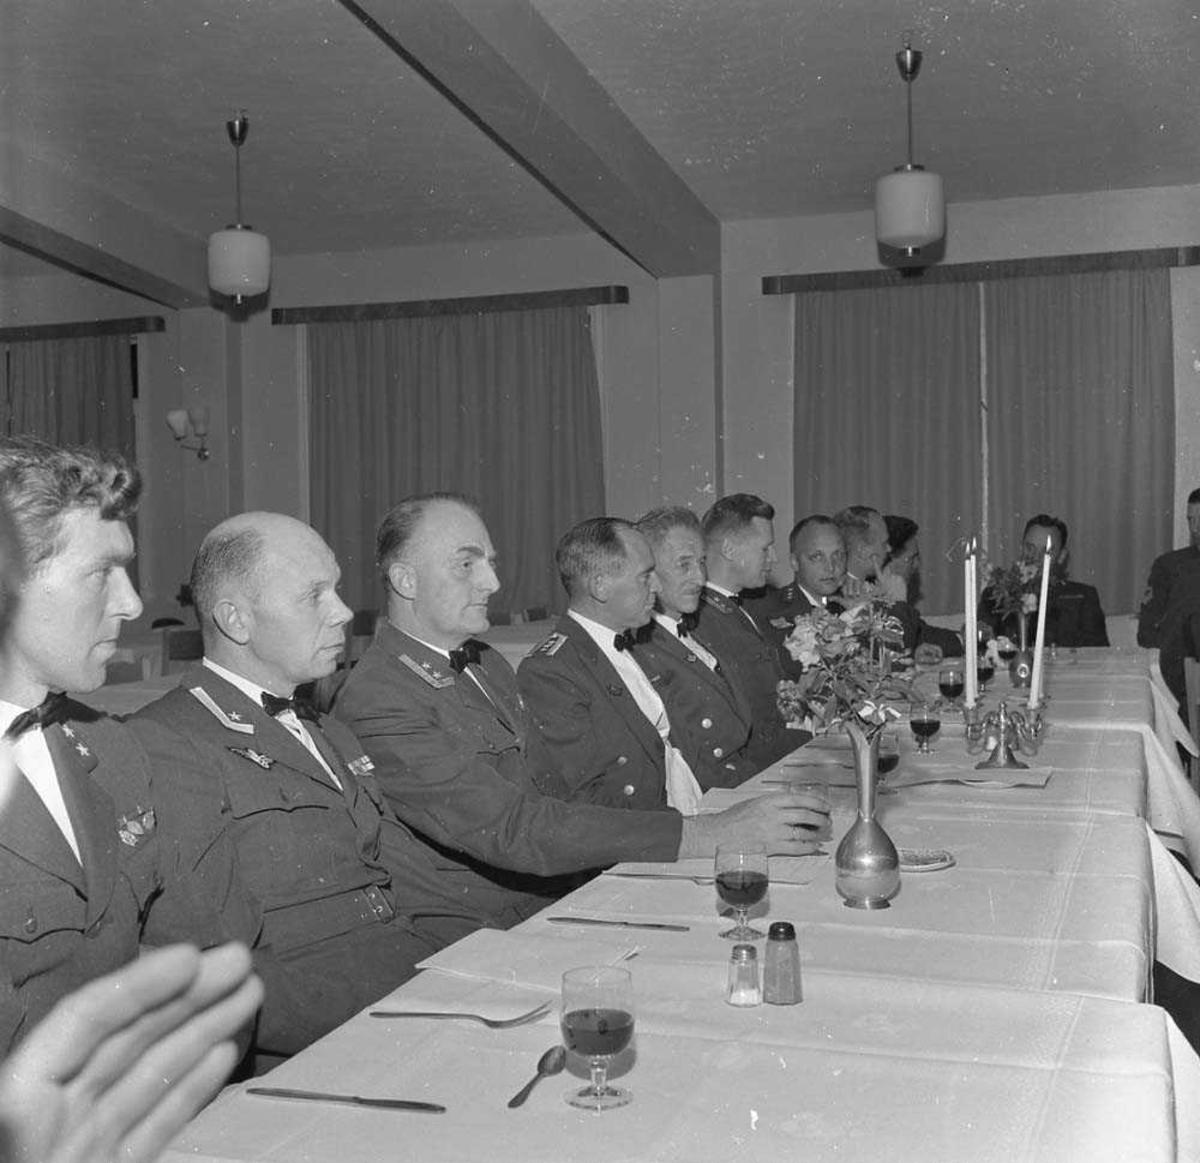 Luftforsvarets mesterskap i pistolskyting foregikk på pistolbanen i Bodin leir. Etter skytingen og medaljeutdelingen er det festmiddag i Messe II på Bodø flystasjon.